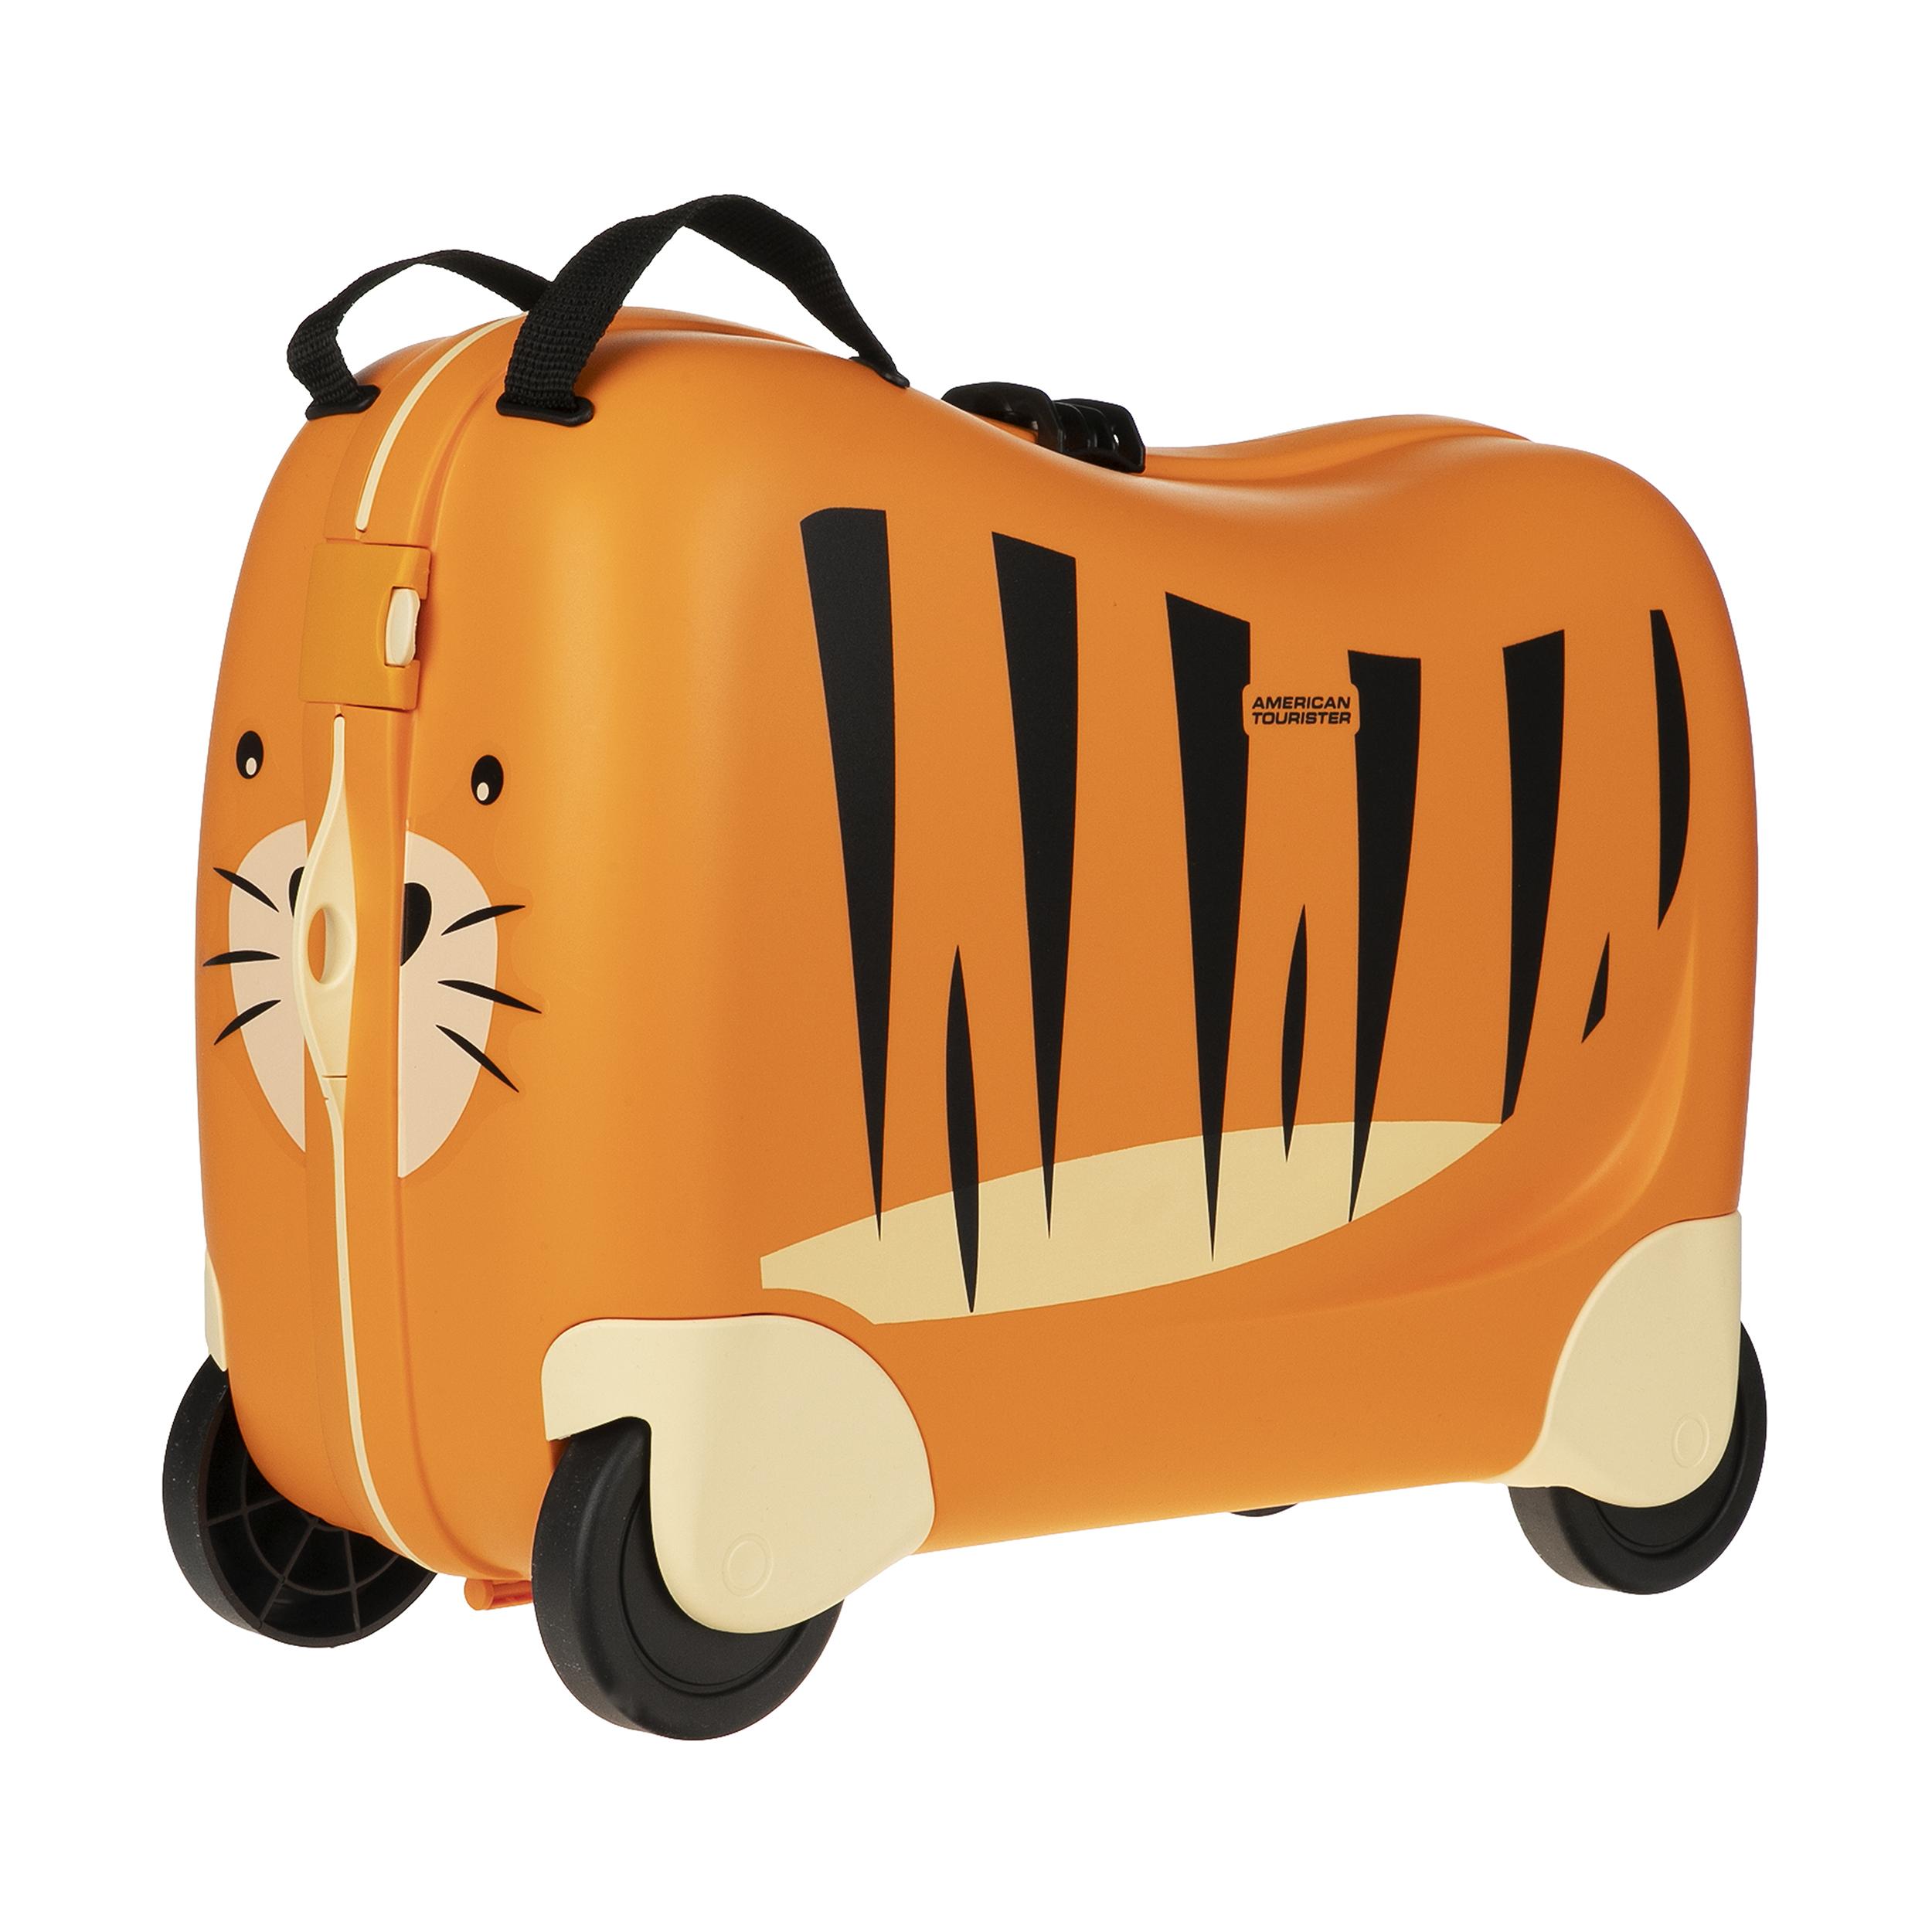 چمدان کودک امریکن توریستر طرح ببر مدل FH0-0-96011